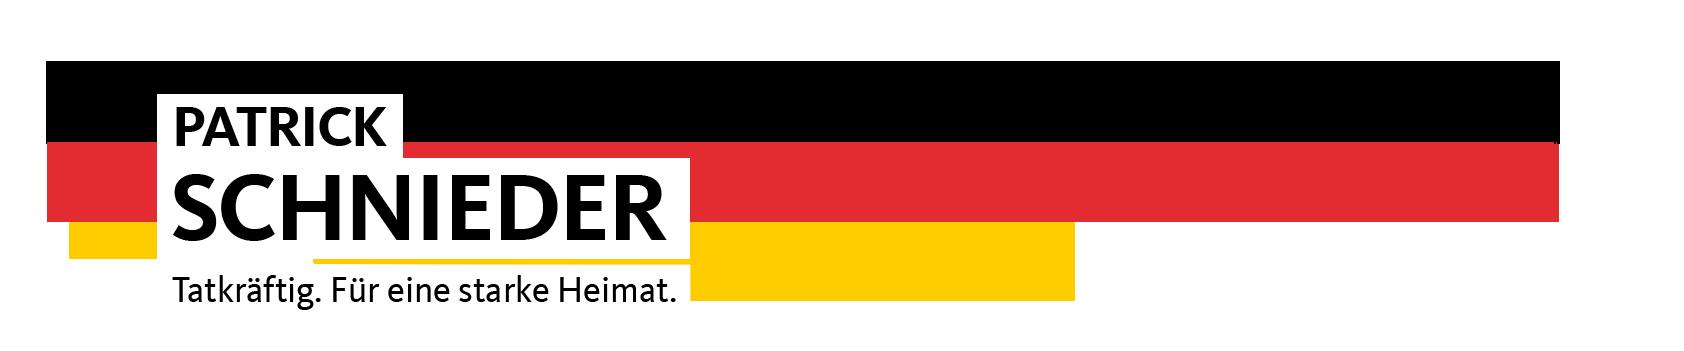 CDU Patrick Schnieder